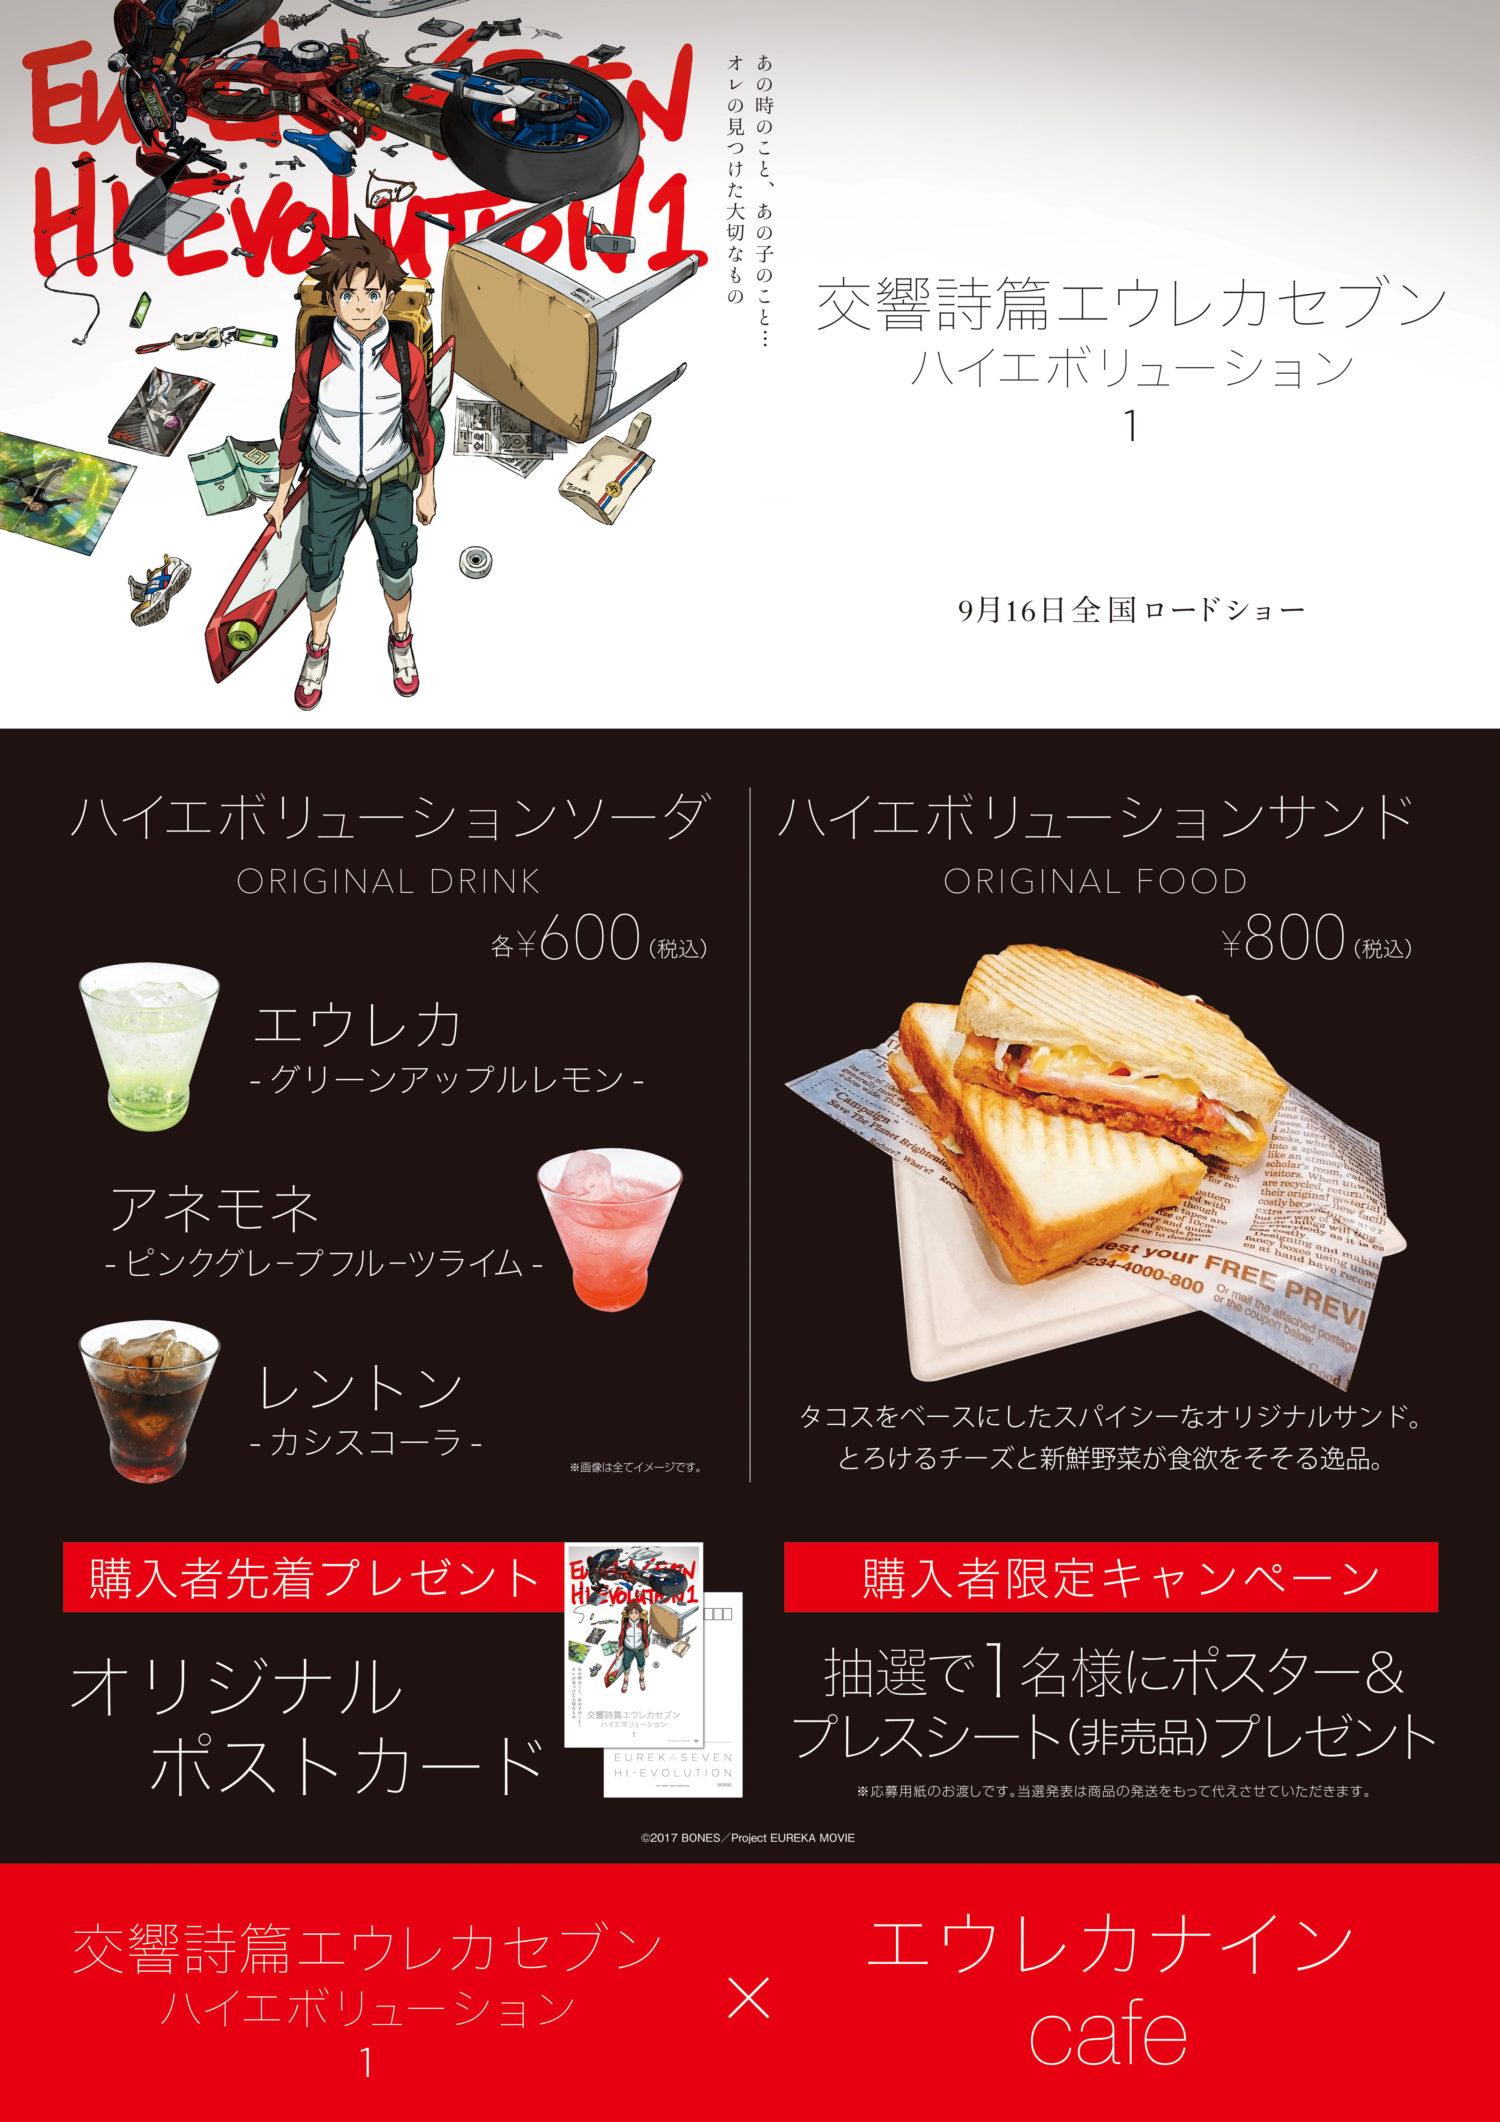 限定オリジナルドリンク「ハイエボリューションソーダ」販売決定! 8/25(金)~新宿バルト9cafe oaseにて「エウレカナインcafe」始動!